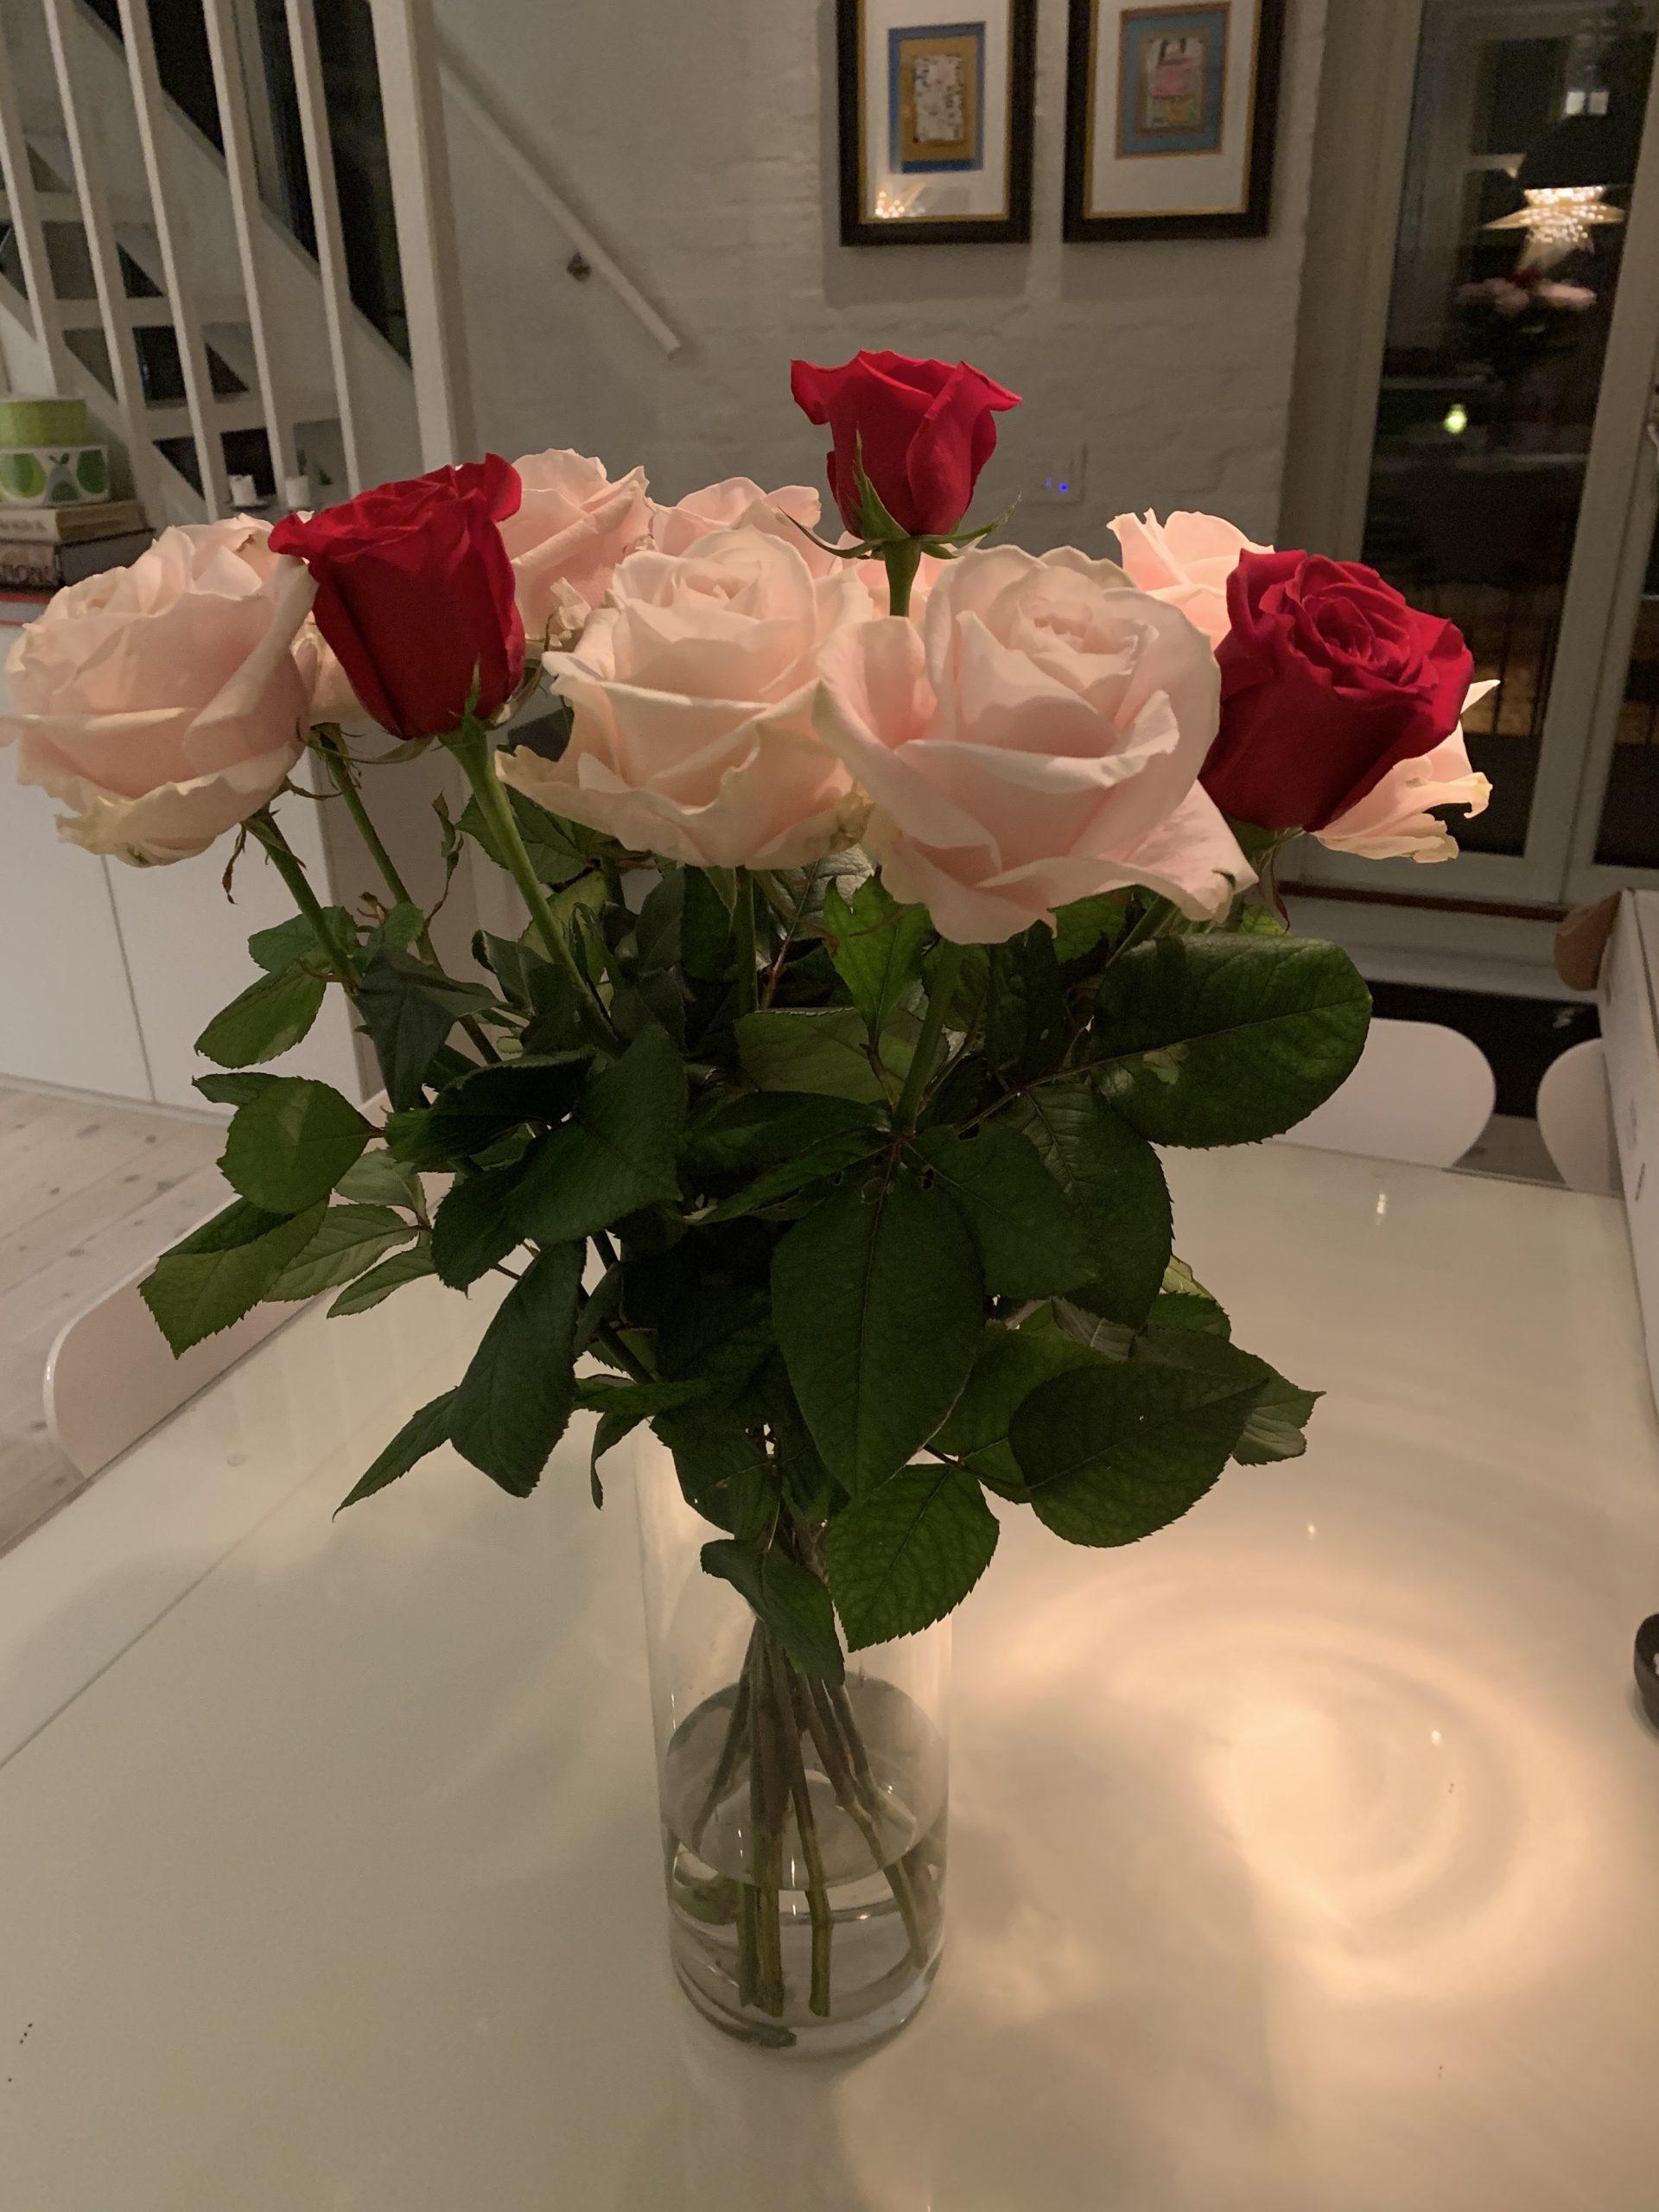 Vilka vackra rosor!